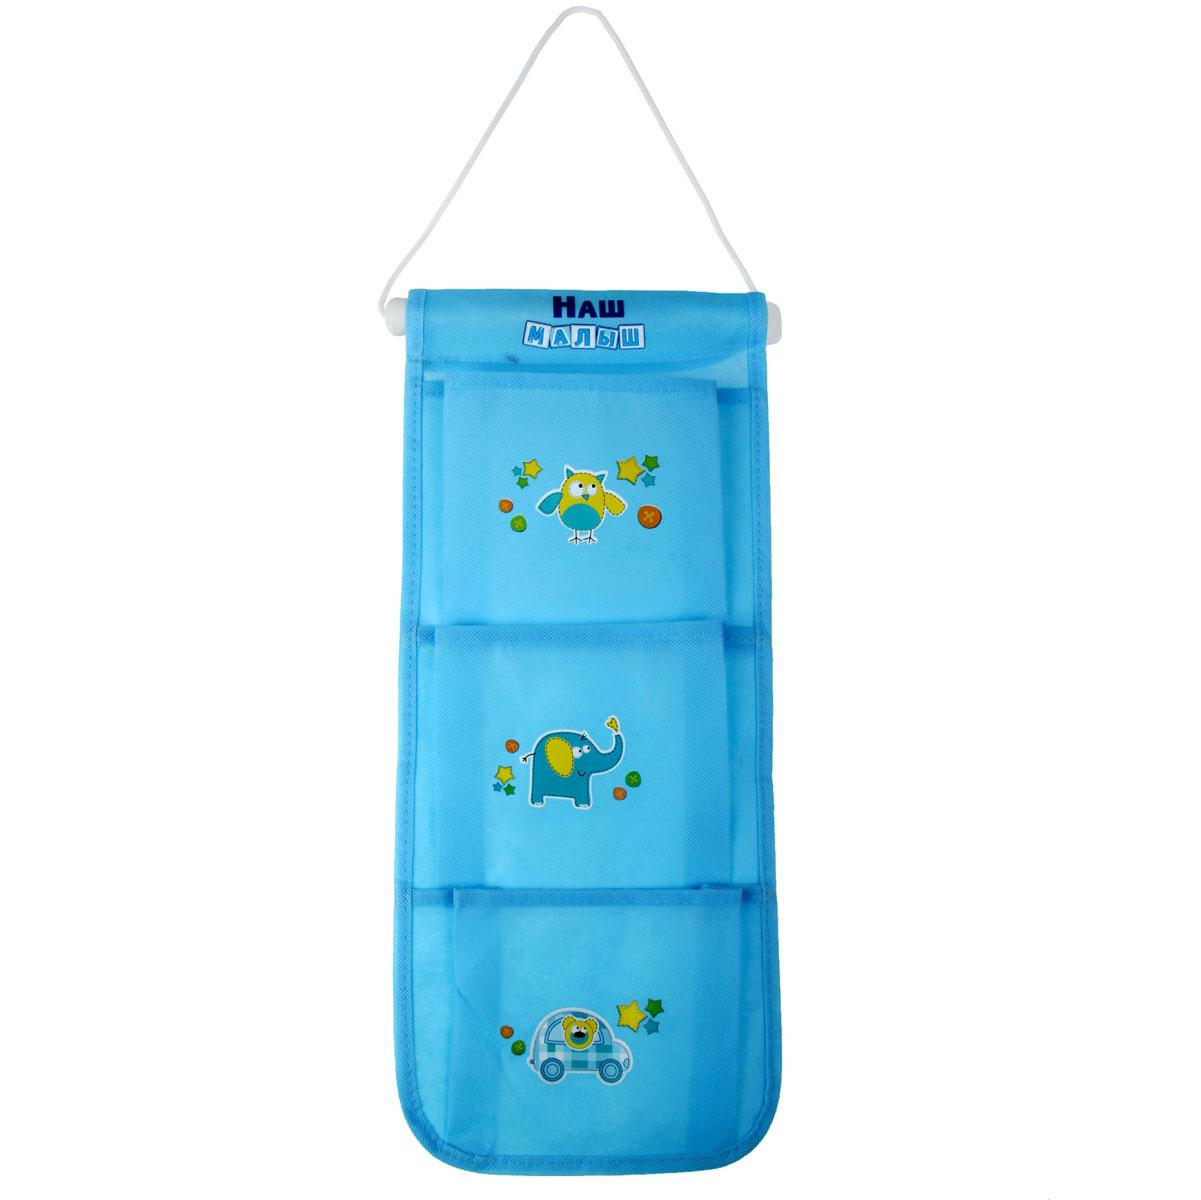 Кармашки на стену Sima-land Наш малыш, 3 кармашка, цвет: голубой, 46 х 18 см19201Яркие кармашки на стену Sima-land Наш малыш с прикольными рисунками - очень полезная и удобная вещь в любом доме. Они предназначены для хранения необходимых вещей, множества мелочей в гардеробной, ванной, детской комнатах.Кармашки на стену компактные и вместительные, созданы для того, чтобы любимые вещички были всегда под рукой. Кармашки легко крепятся на стену и станут ее украшением.